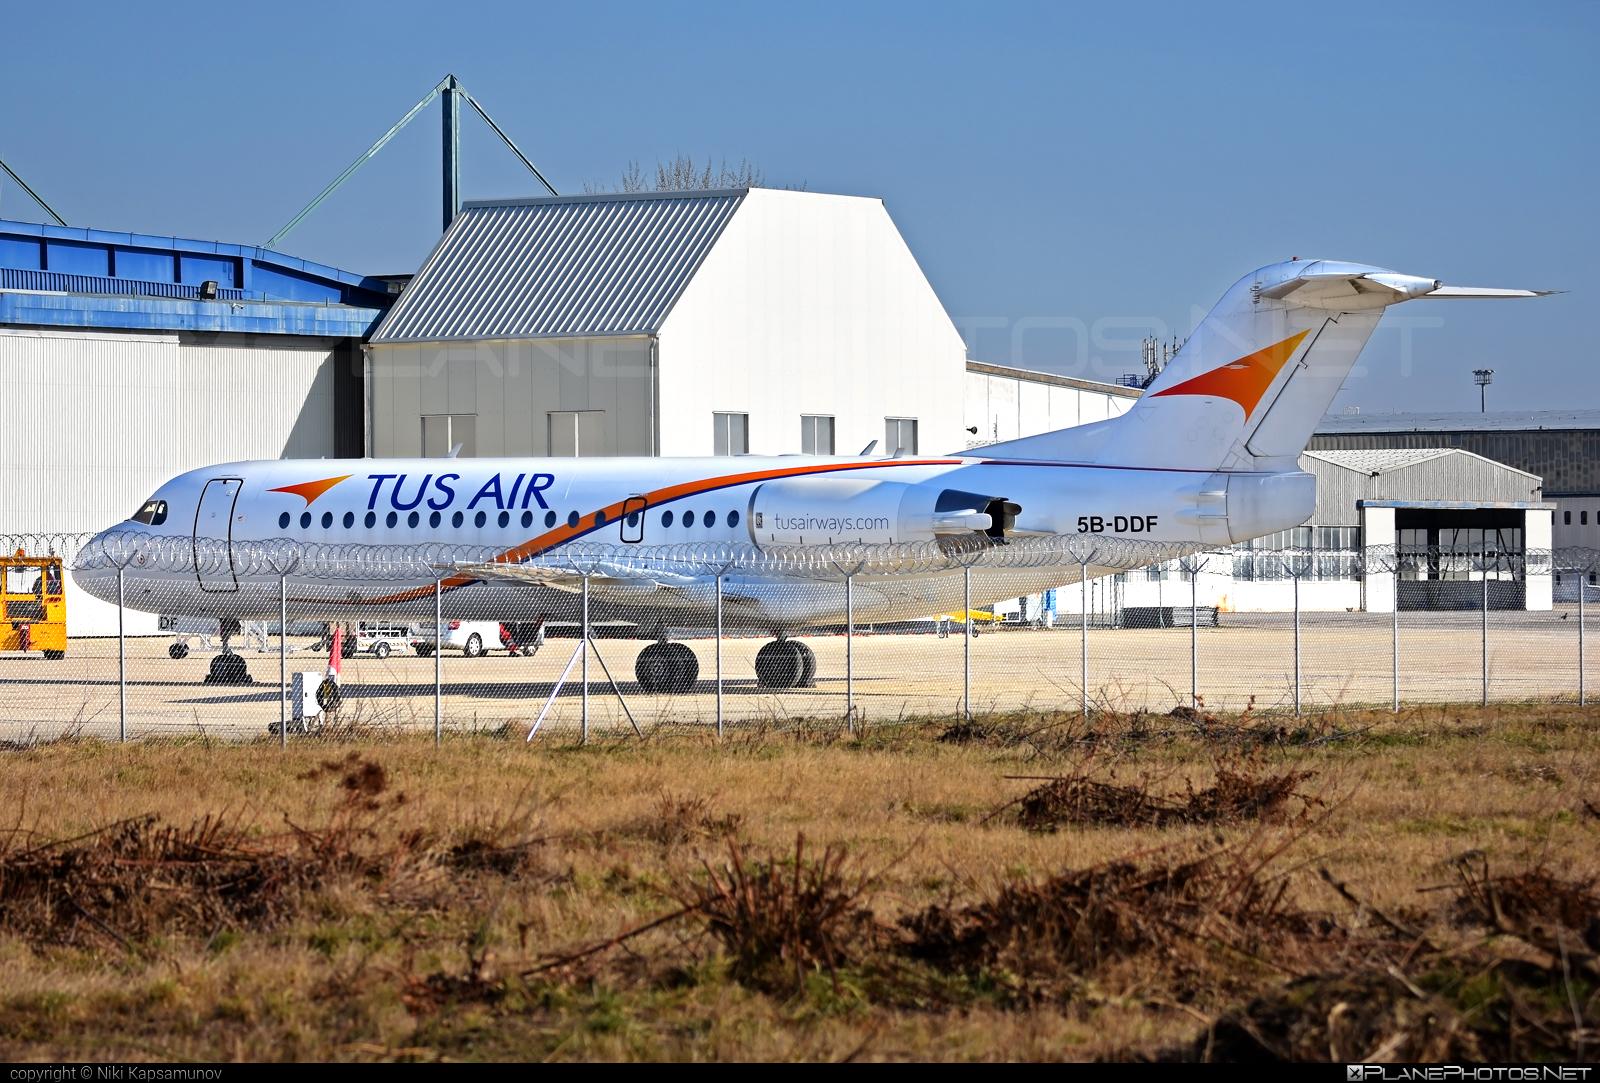 Fokker 70 - 5B-DDF operated by Tus Airways #fokker #tusair #tusairways